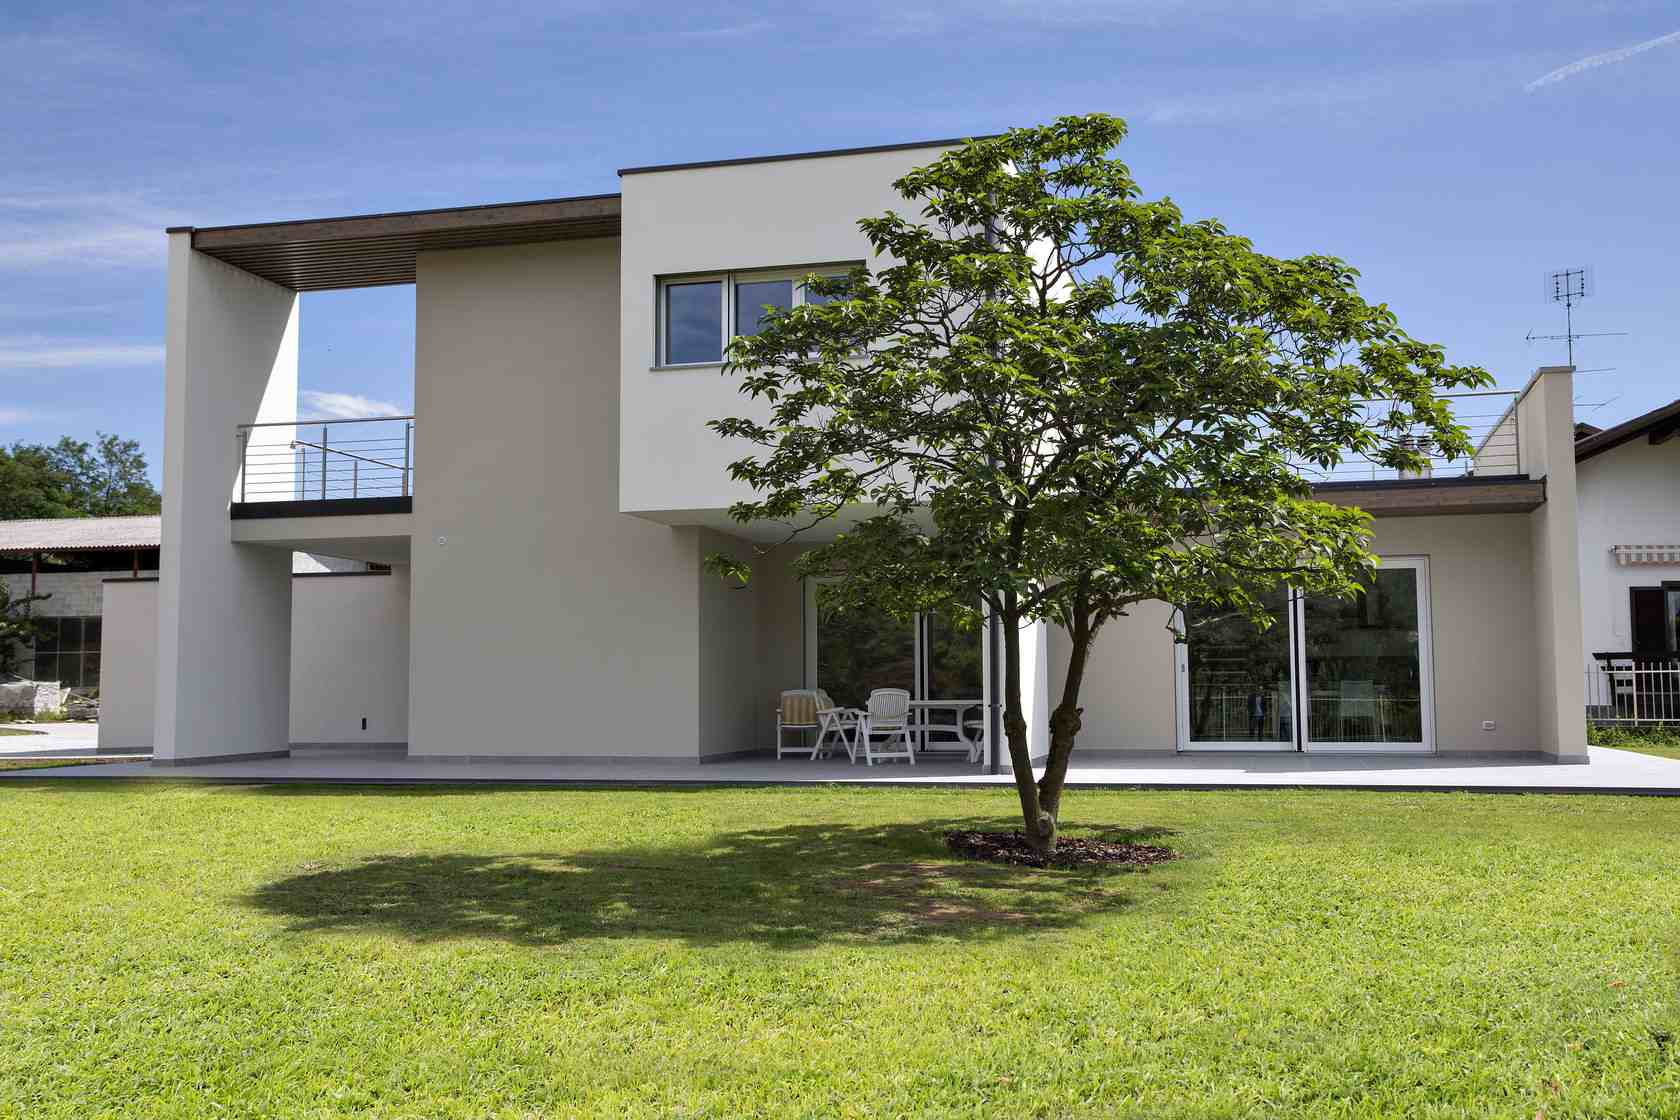 KAGER_Architektenhauser_Boca_02